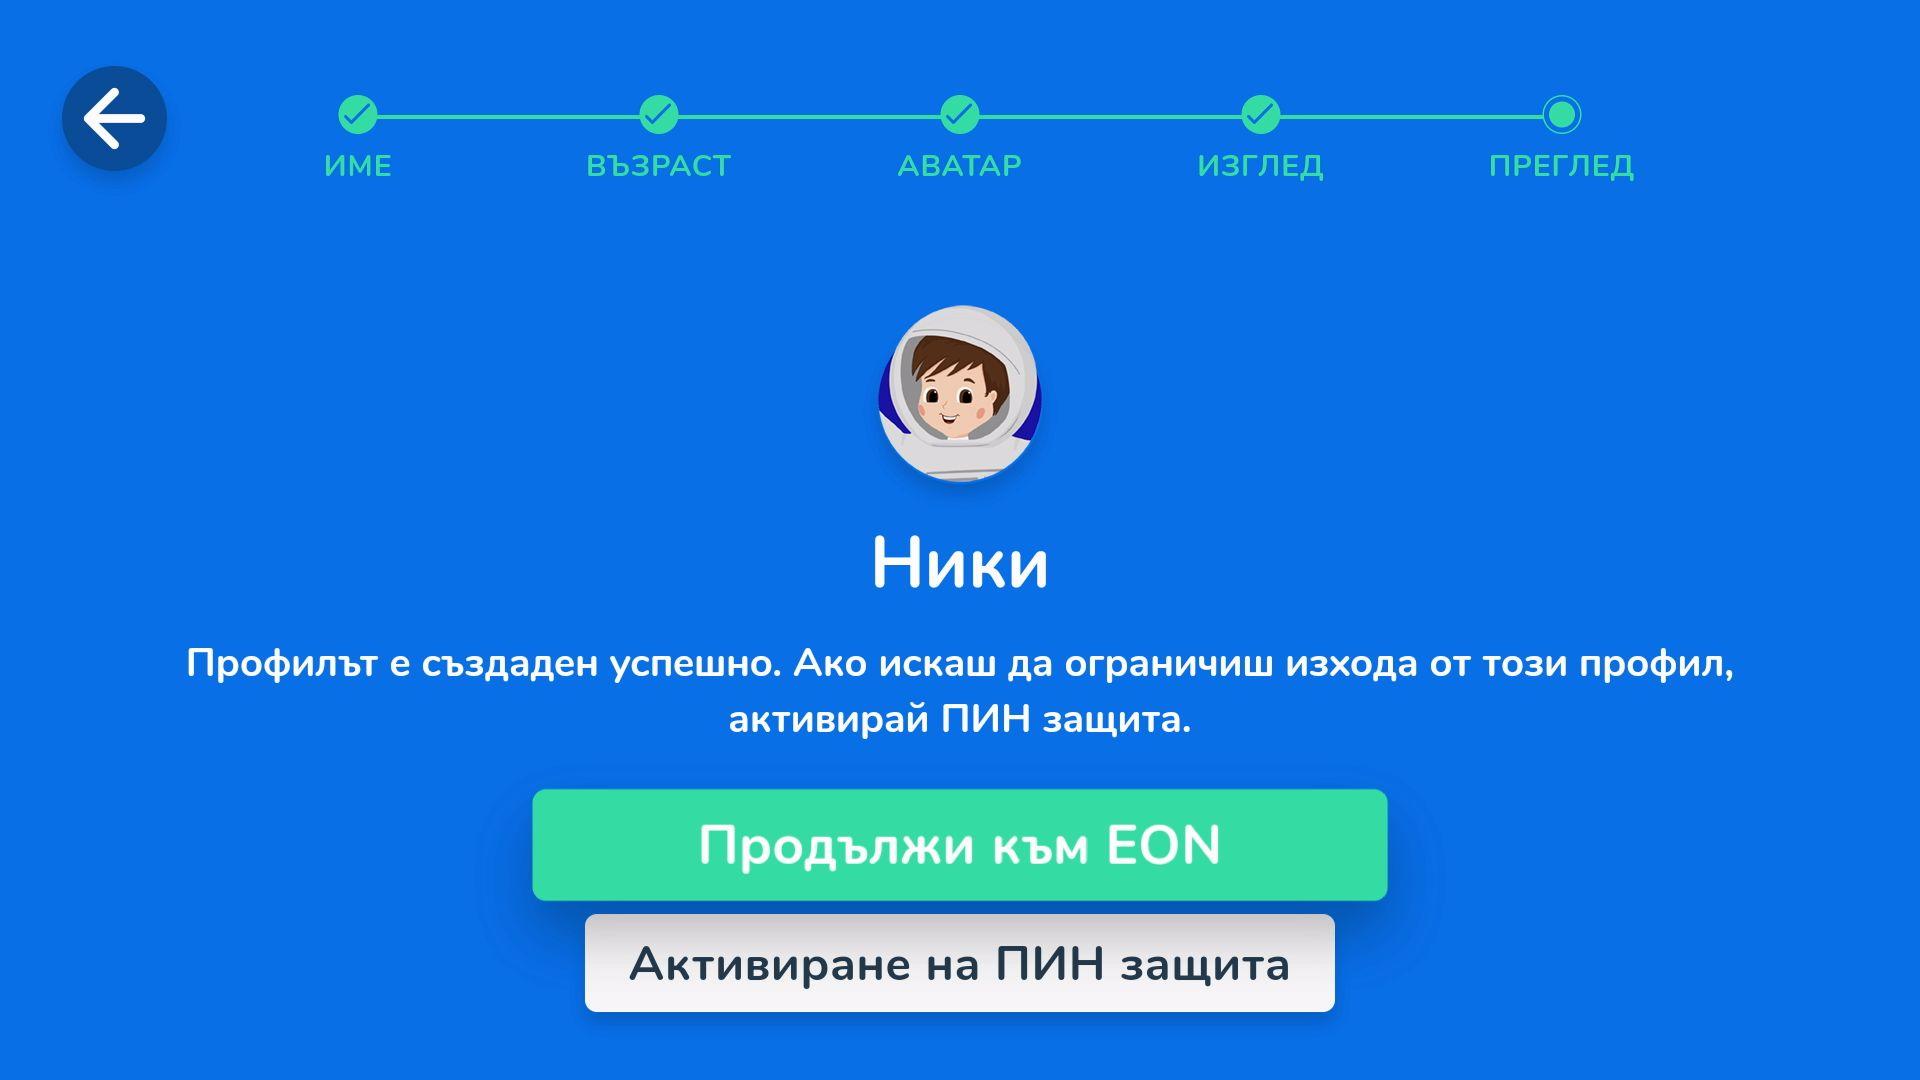 Направата на детски профил отнема секунди